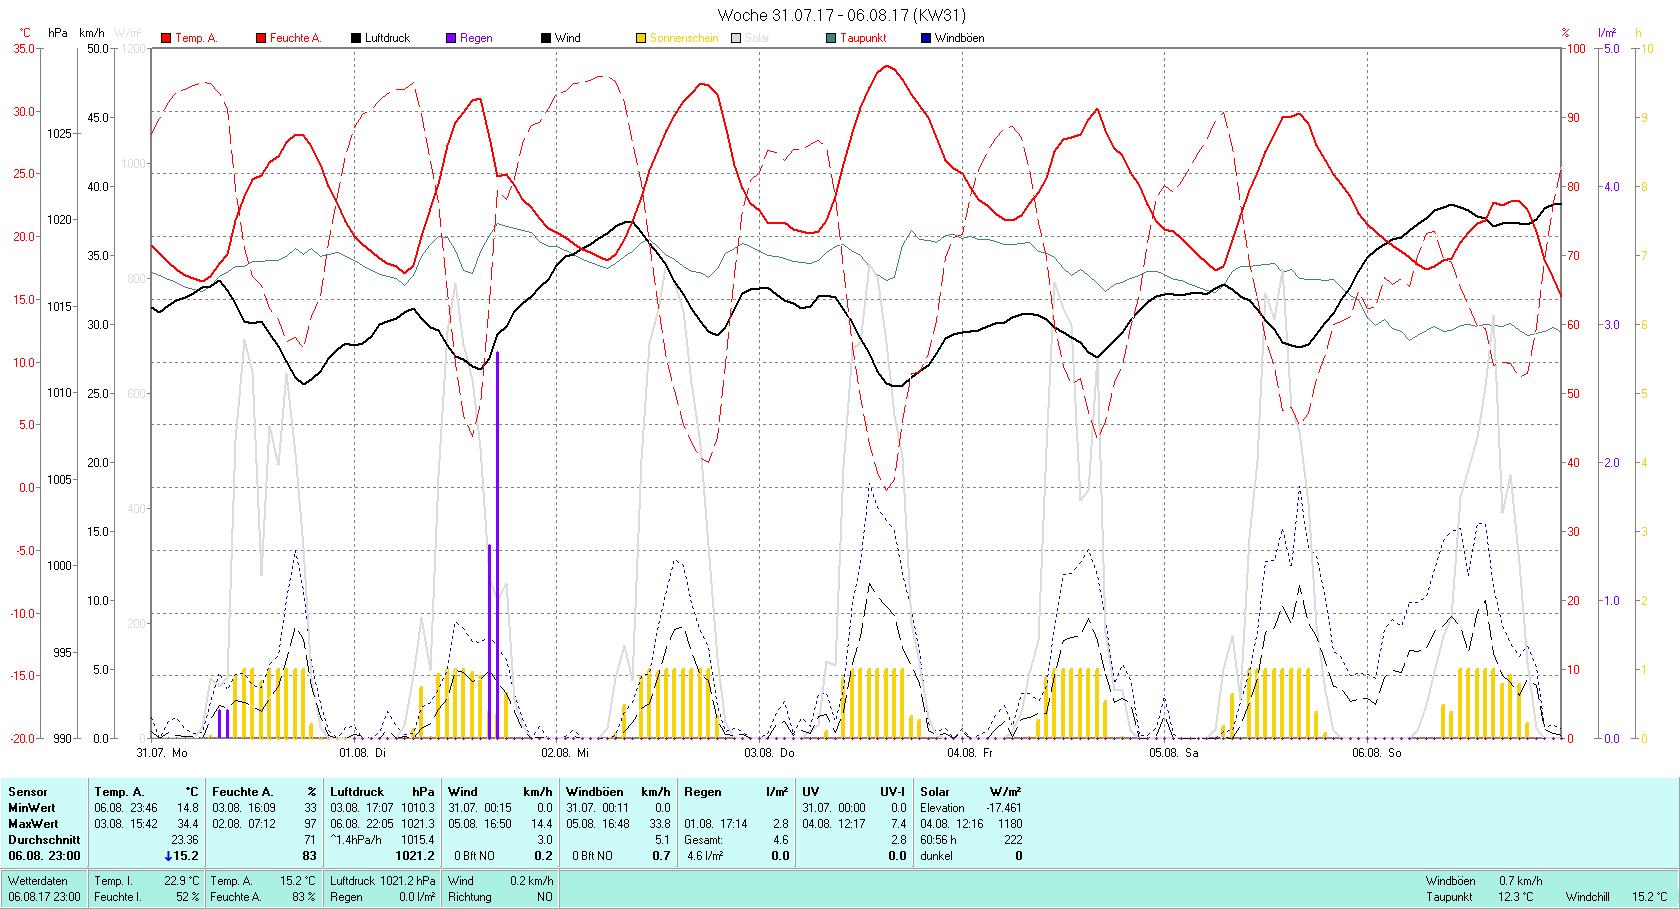 KW 31 Tmin 14.8°C, Tmax 34.4°C, Sonne 60:56 h Niederschlag 4.6 mm2